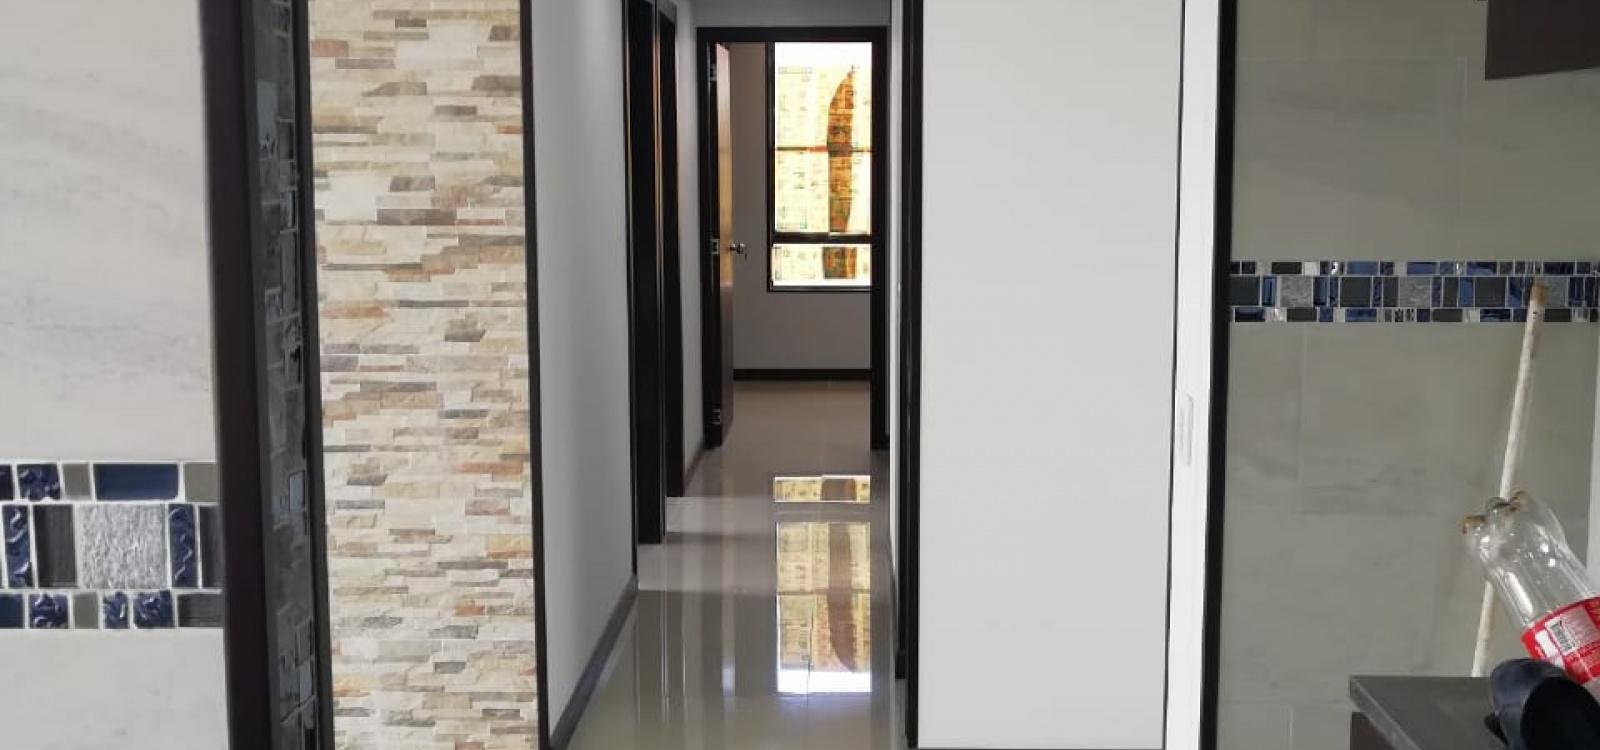 17-02 Carrera 3 este,Cundinamarca,Madrid,La Española,3 Habitaciones Habitaciones,2 LavabosLavabos,Apartamentos,Piamonte,Carrera 3 este ,1060